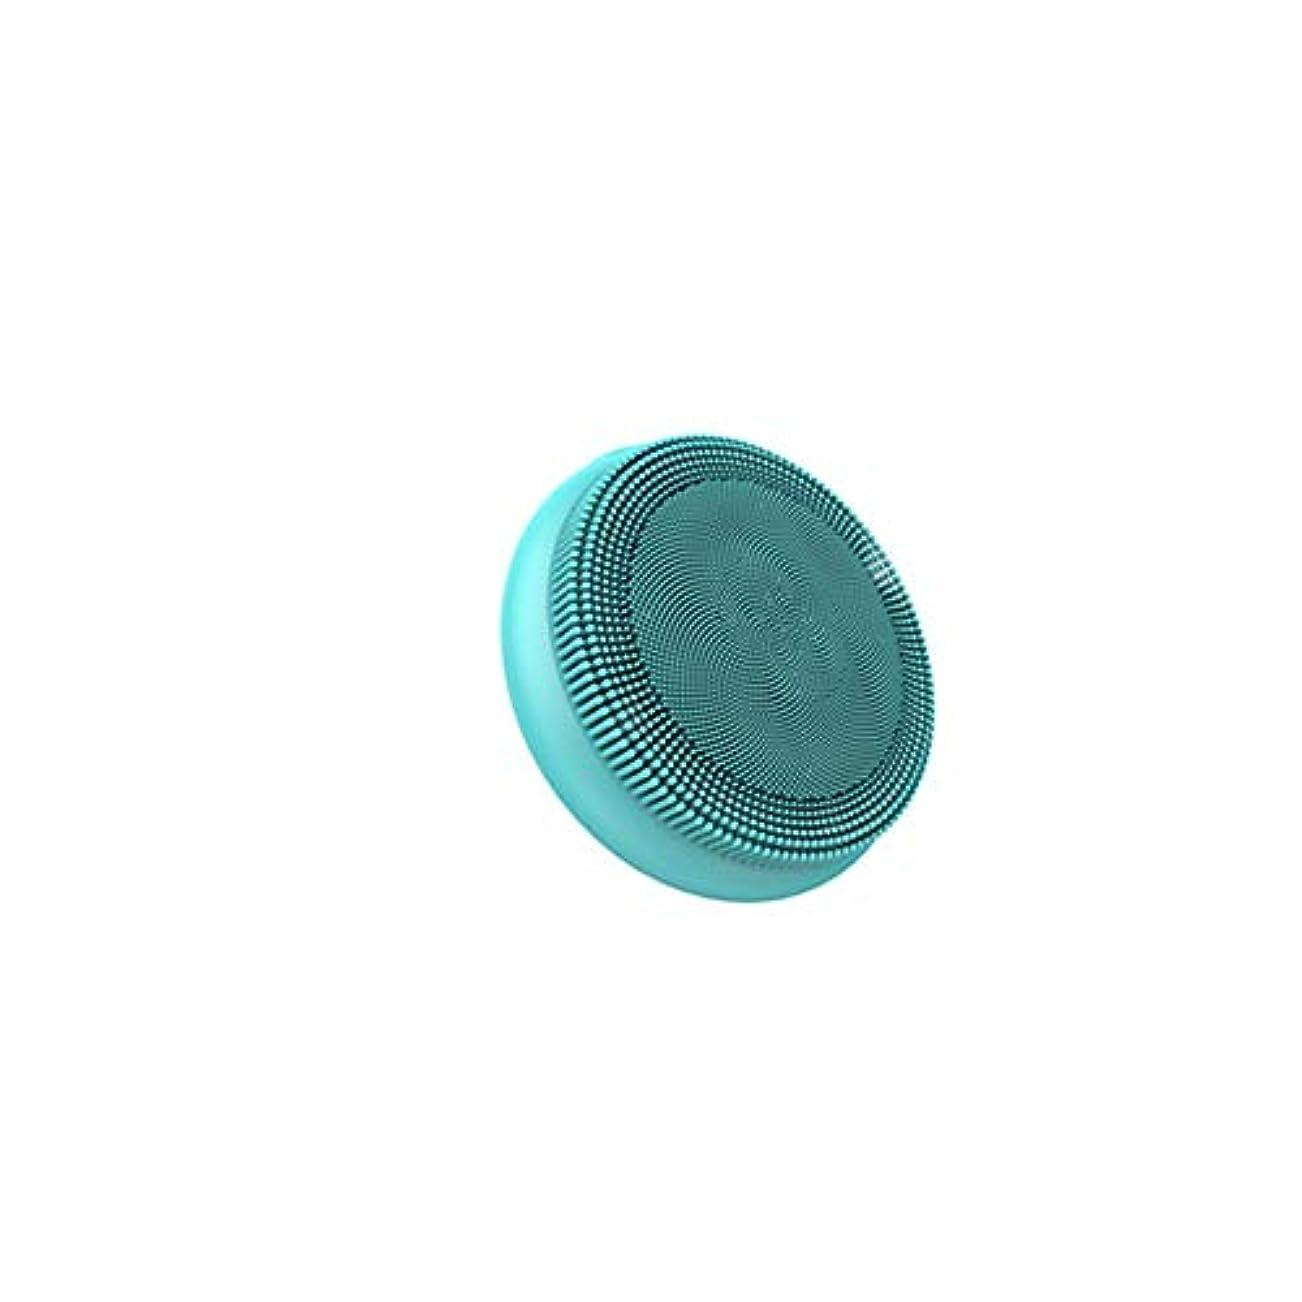 拳電卓シュートフェイシャルクレンジングブラシ、ディープクレンジング用防水シリコンフェイスマッサージャー、すべての肌タイプのアンチエイジングスキンケアデバイス,グリーン